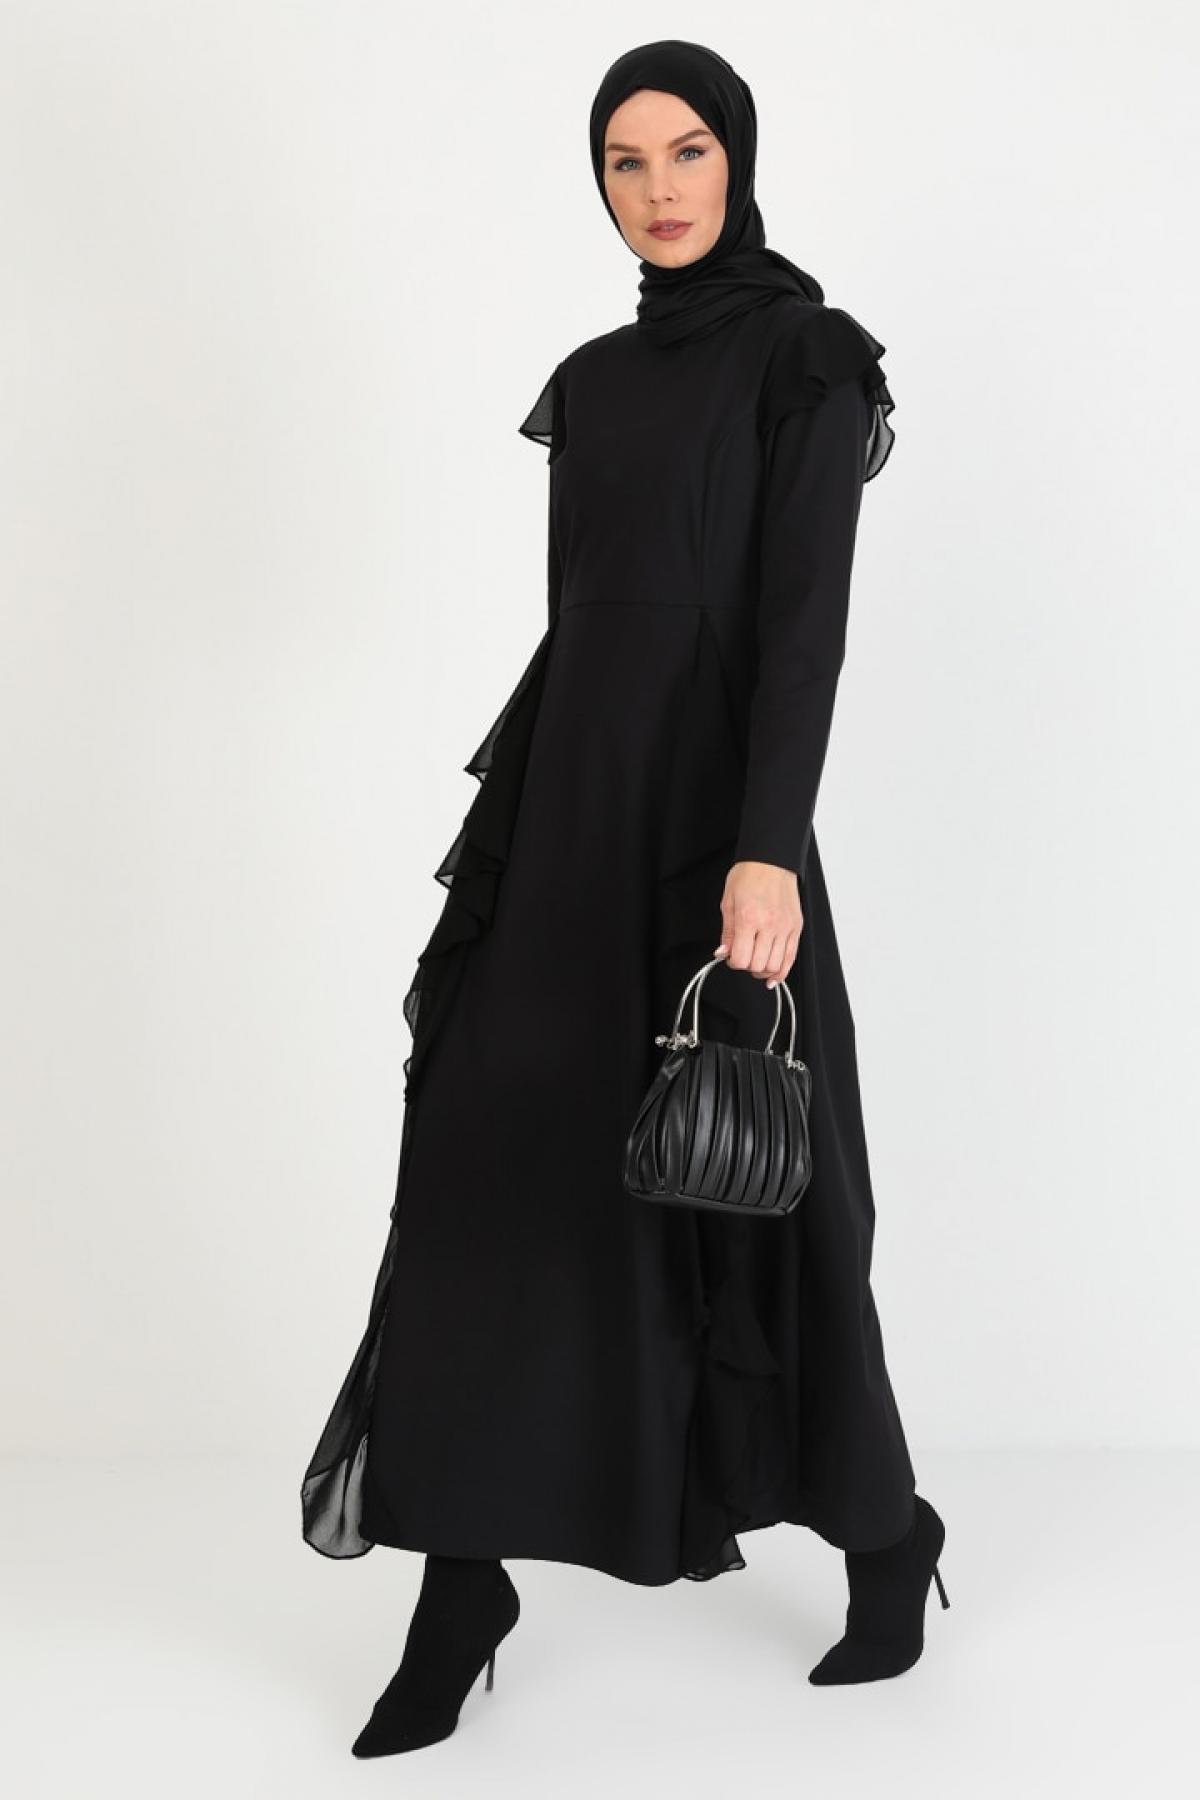 Ziwoman Siyah Fırfır Detaylı Abiye Elbise